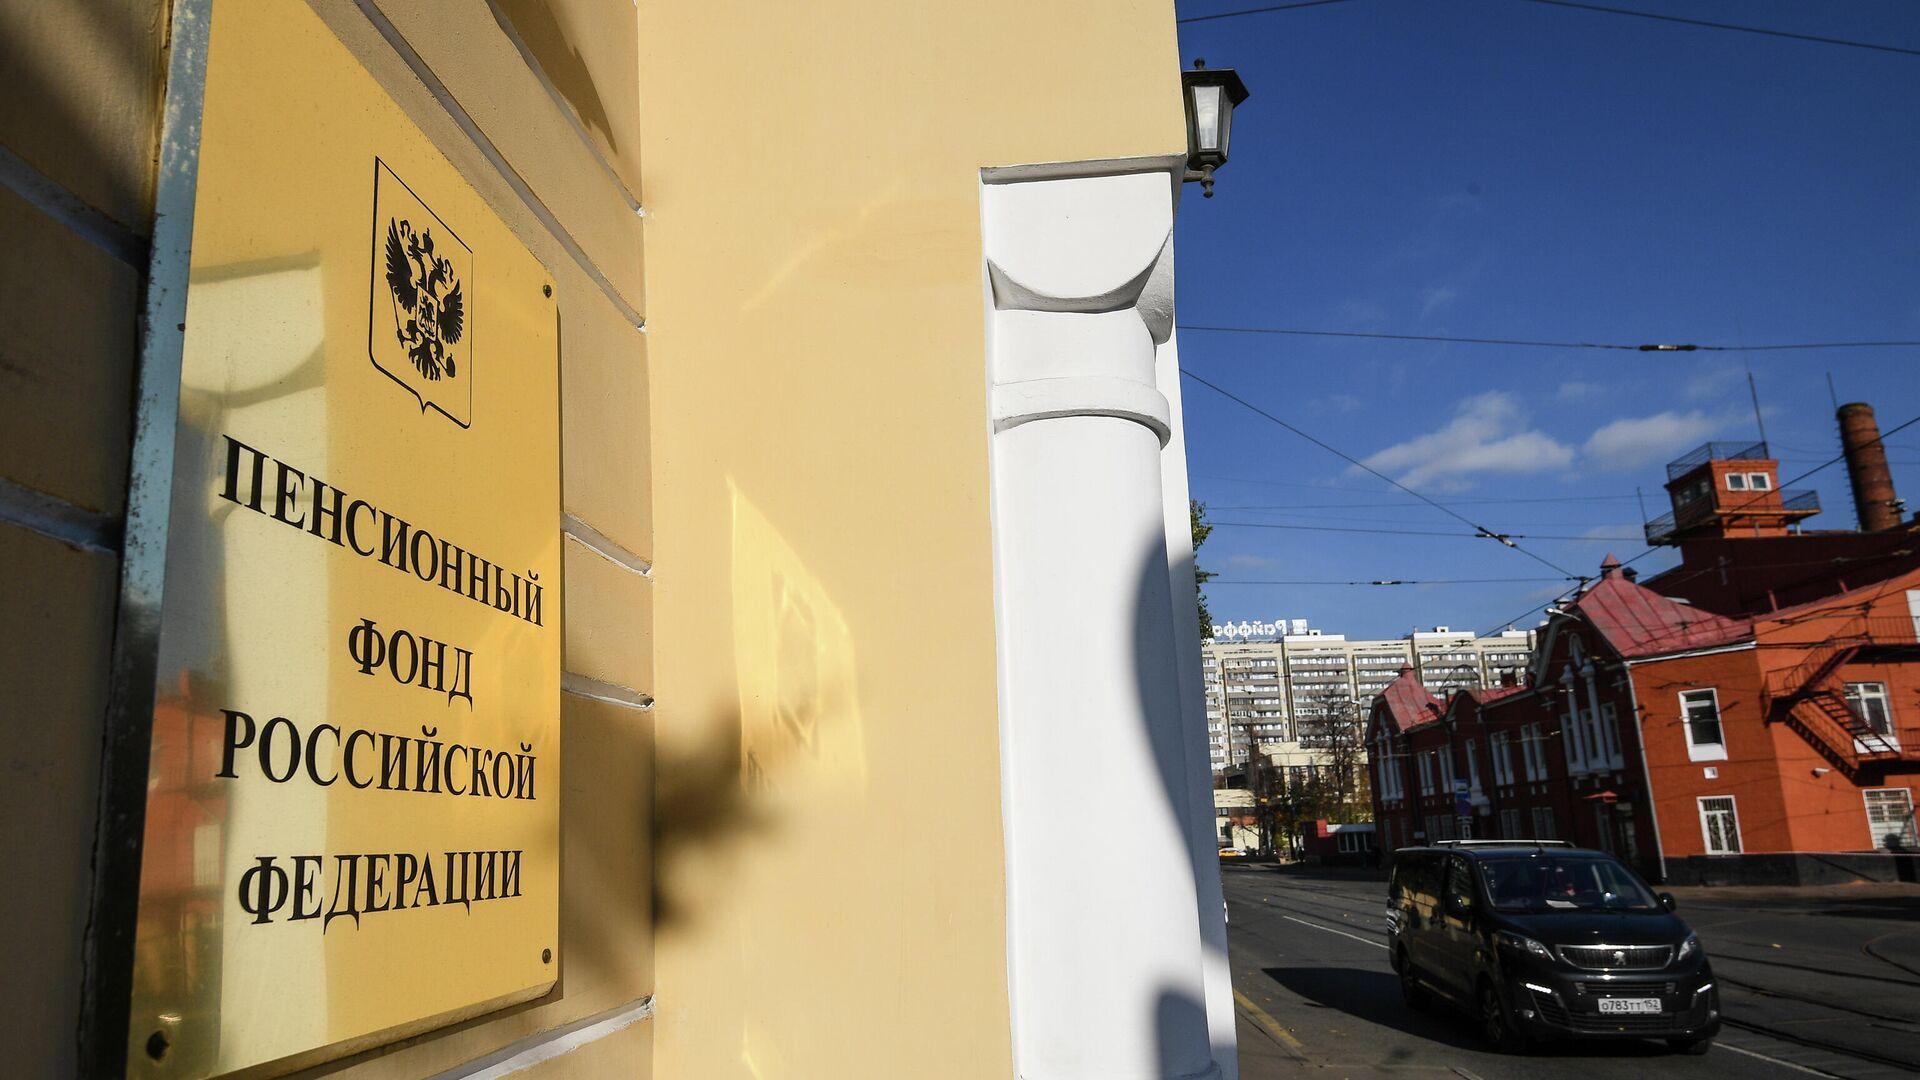 Табличка на здании Пенсионного фонда Российской Федерации - РИА Новости, 1920, 25.02.2021